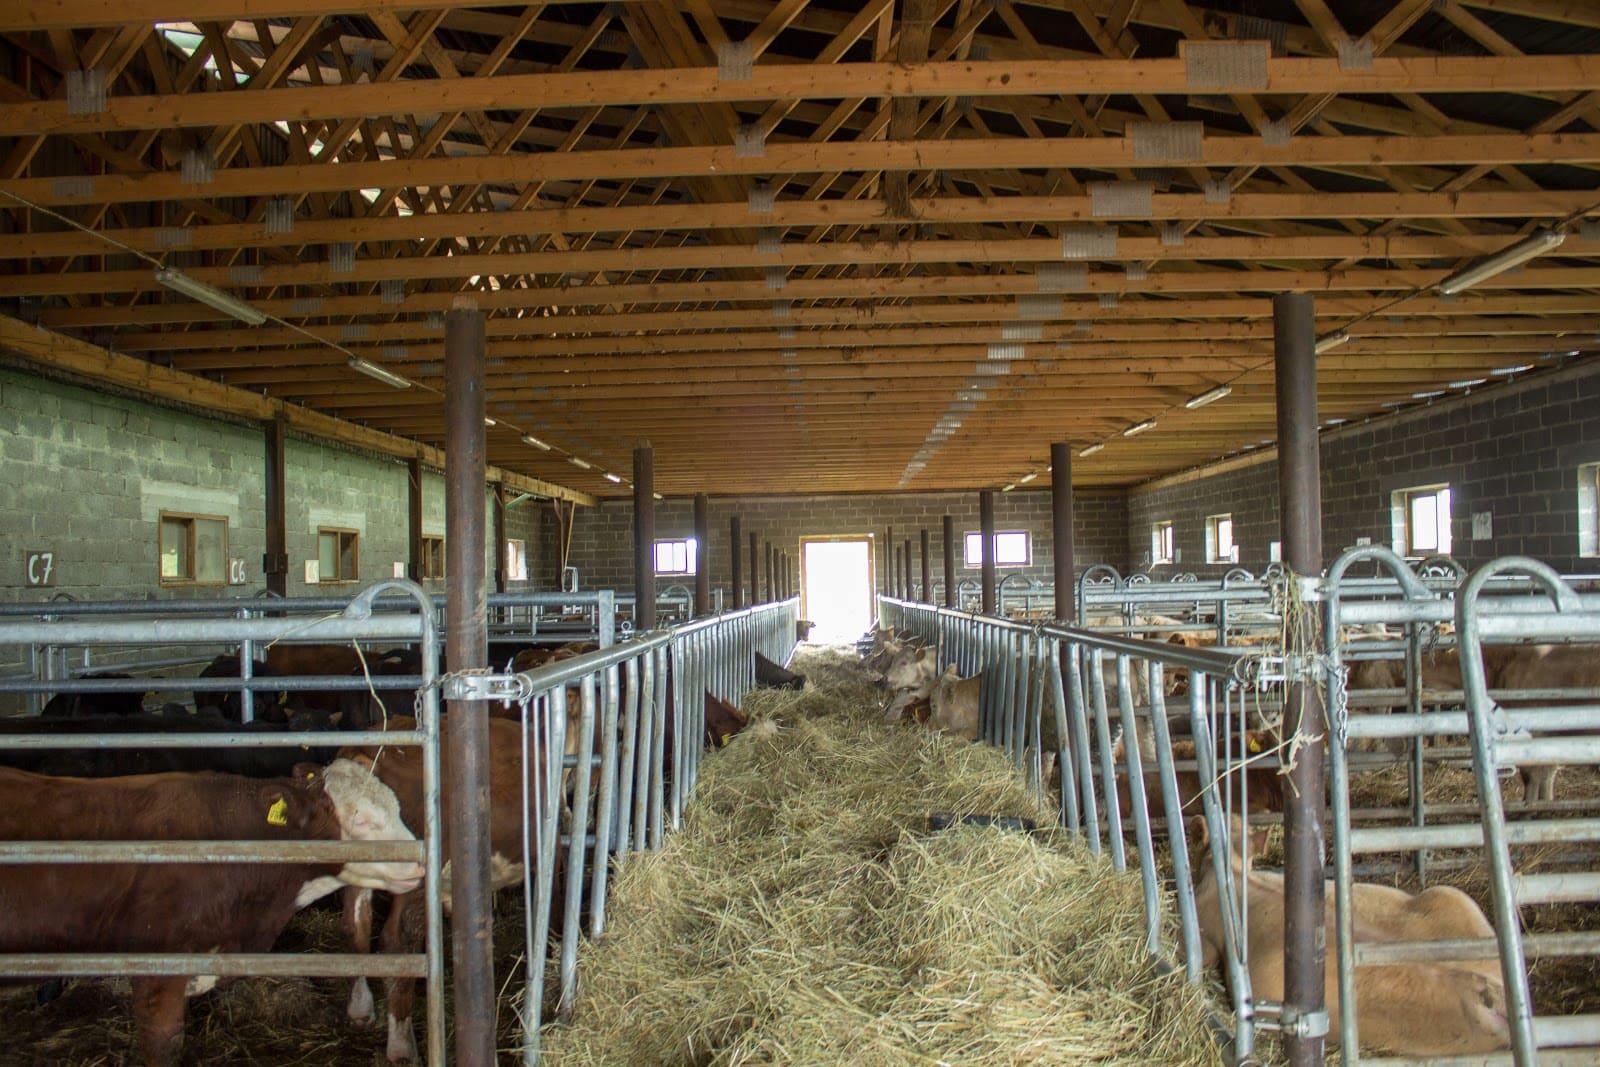 Jumta koka kopnes lauksaimniecības ražotnēm fermām un dzīvnieku izsoļu namiem